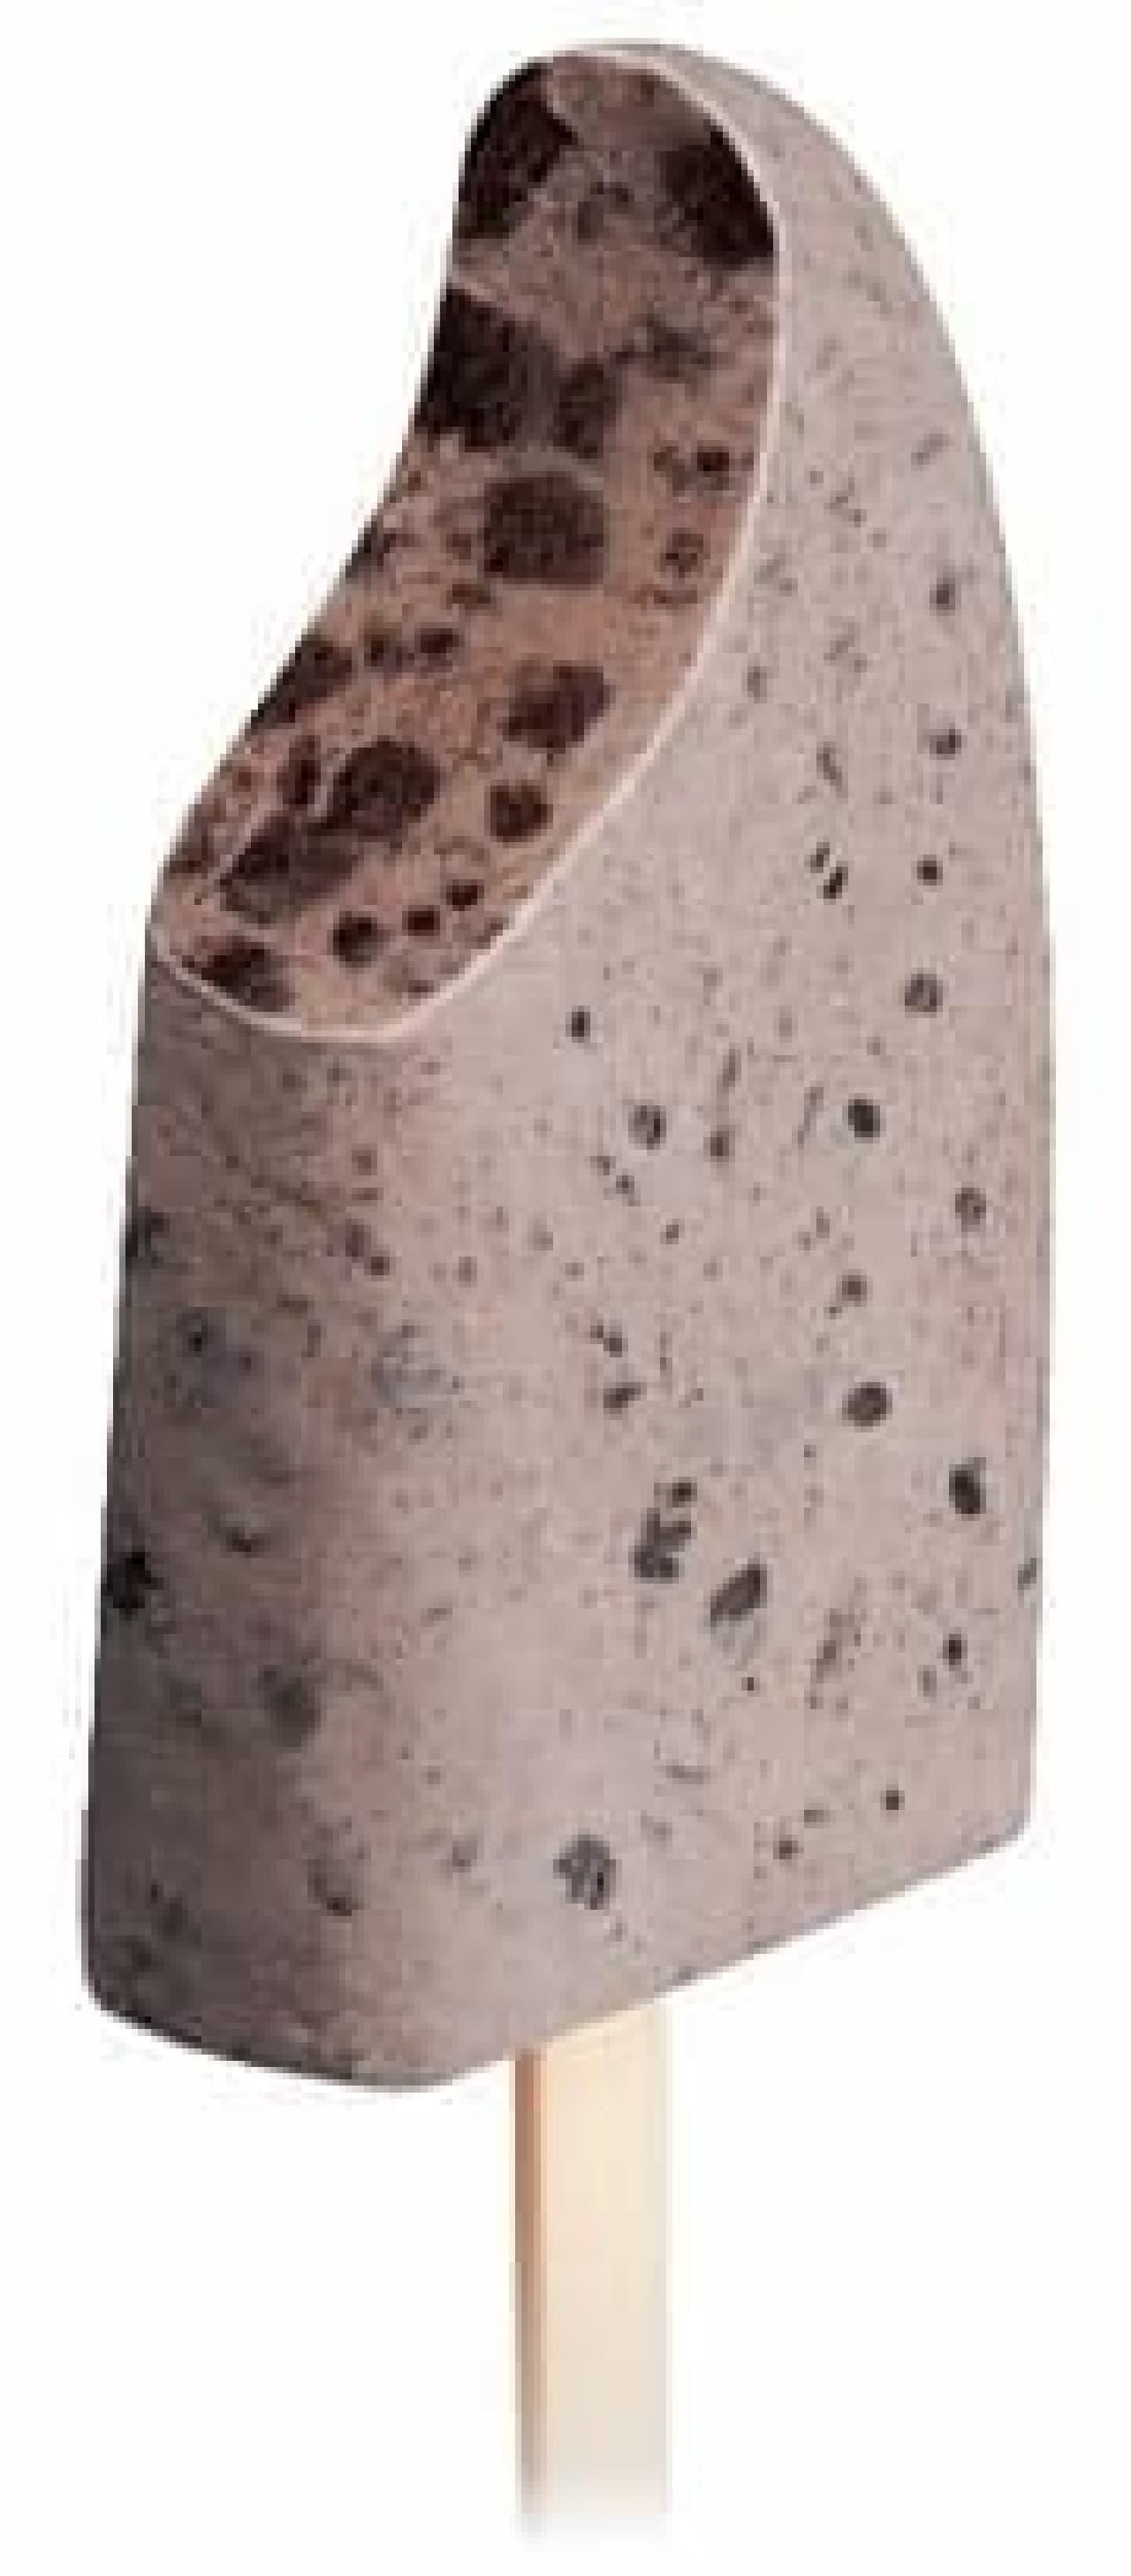 赤城乳業とセブンイレブン共同開発の「おおすぎ~。やりすぎクッキーアイスバー」